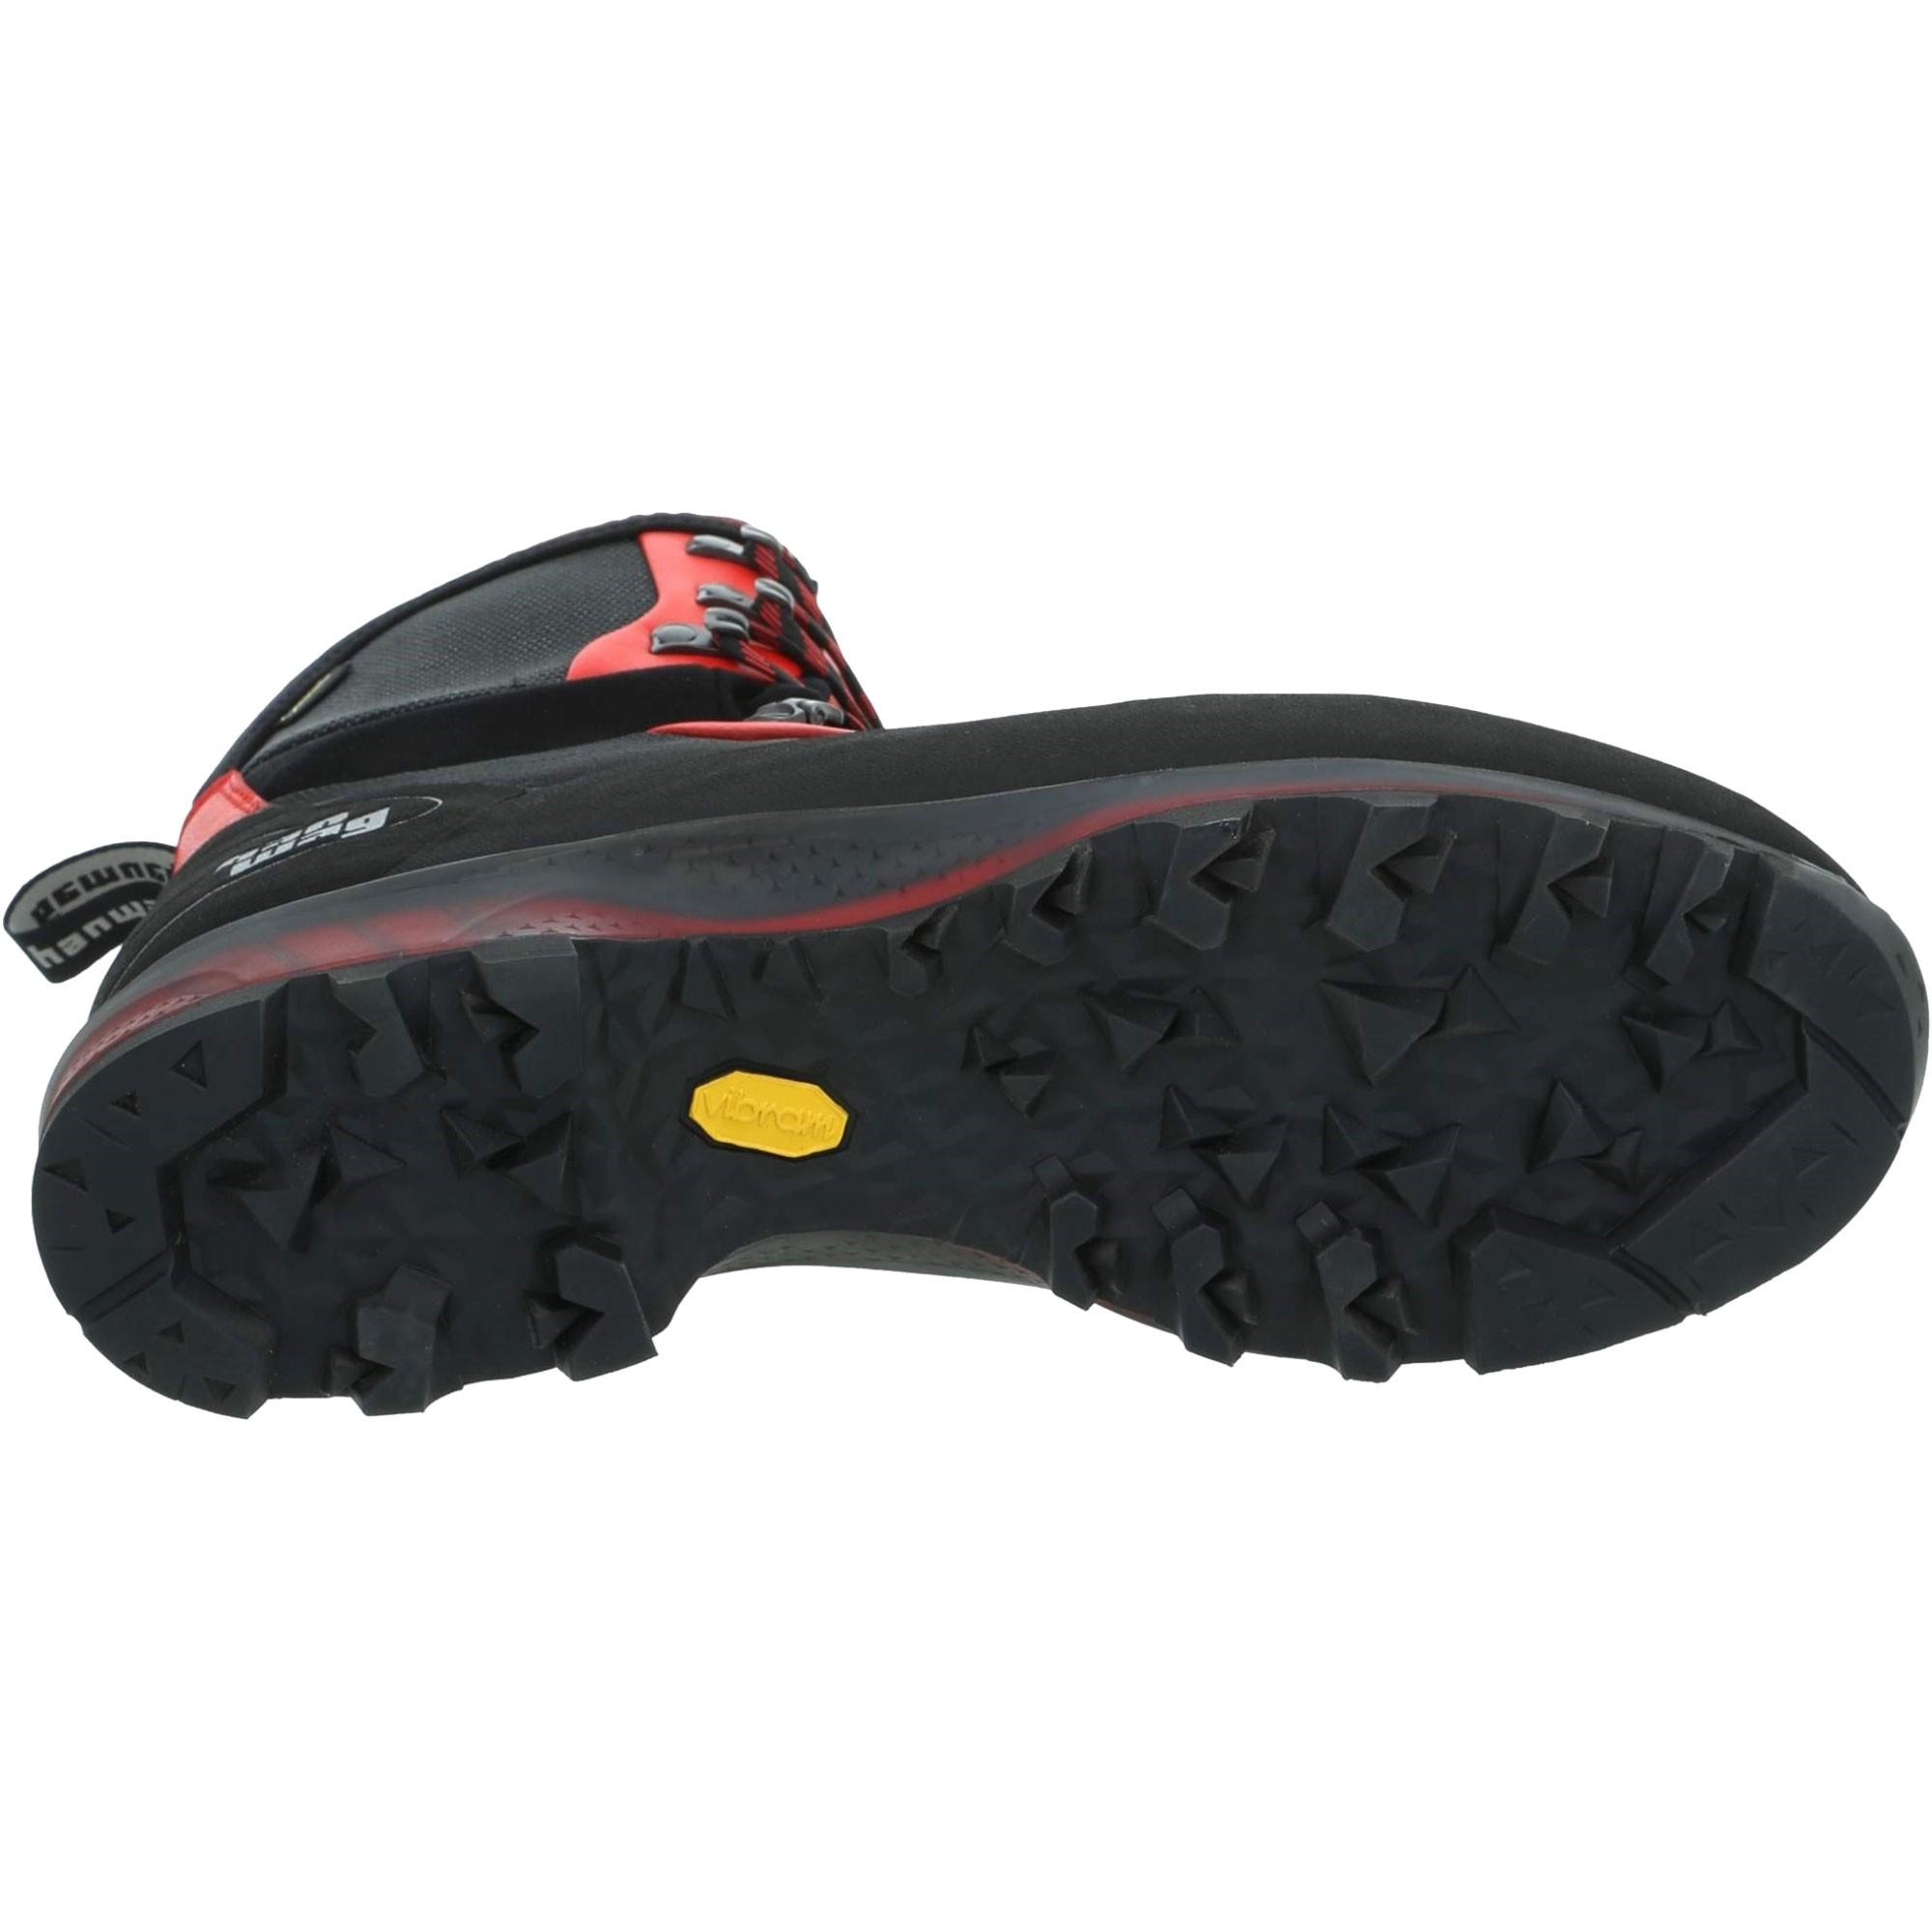 Hanwag Ferrata II GTX Walking Boot